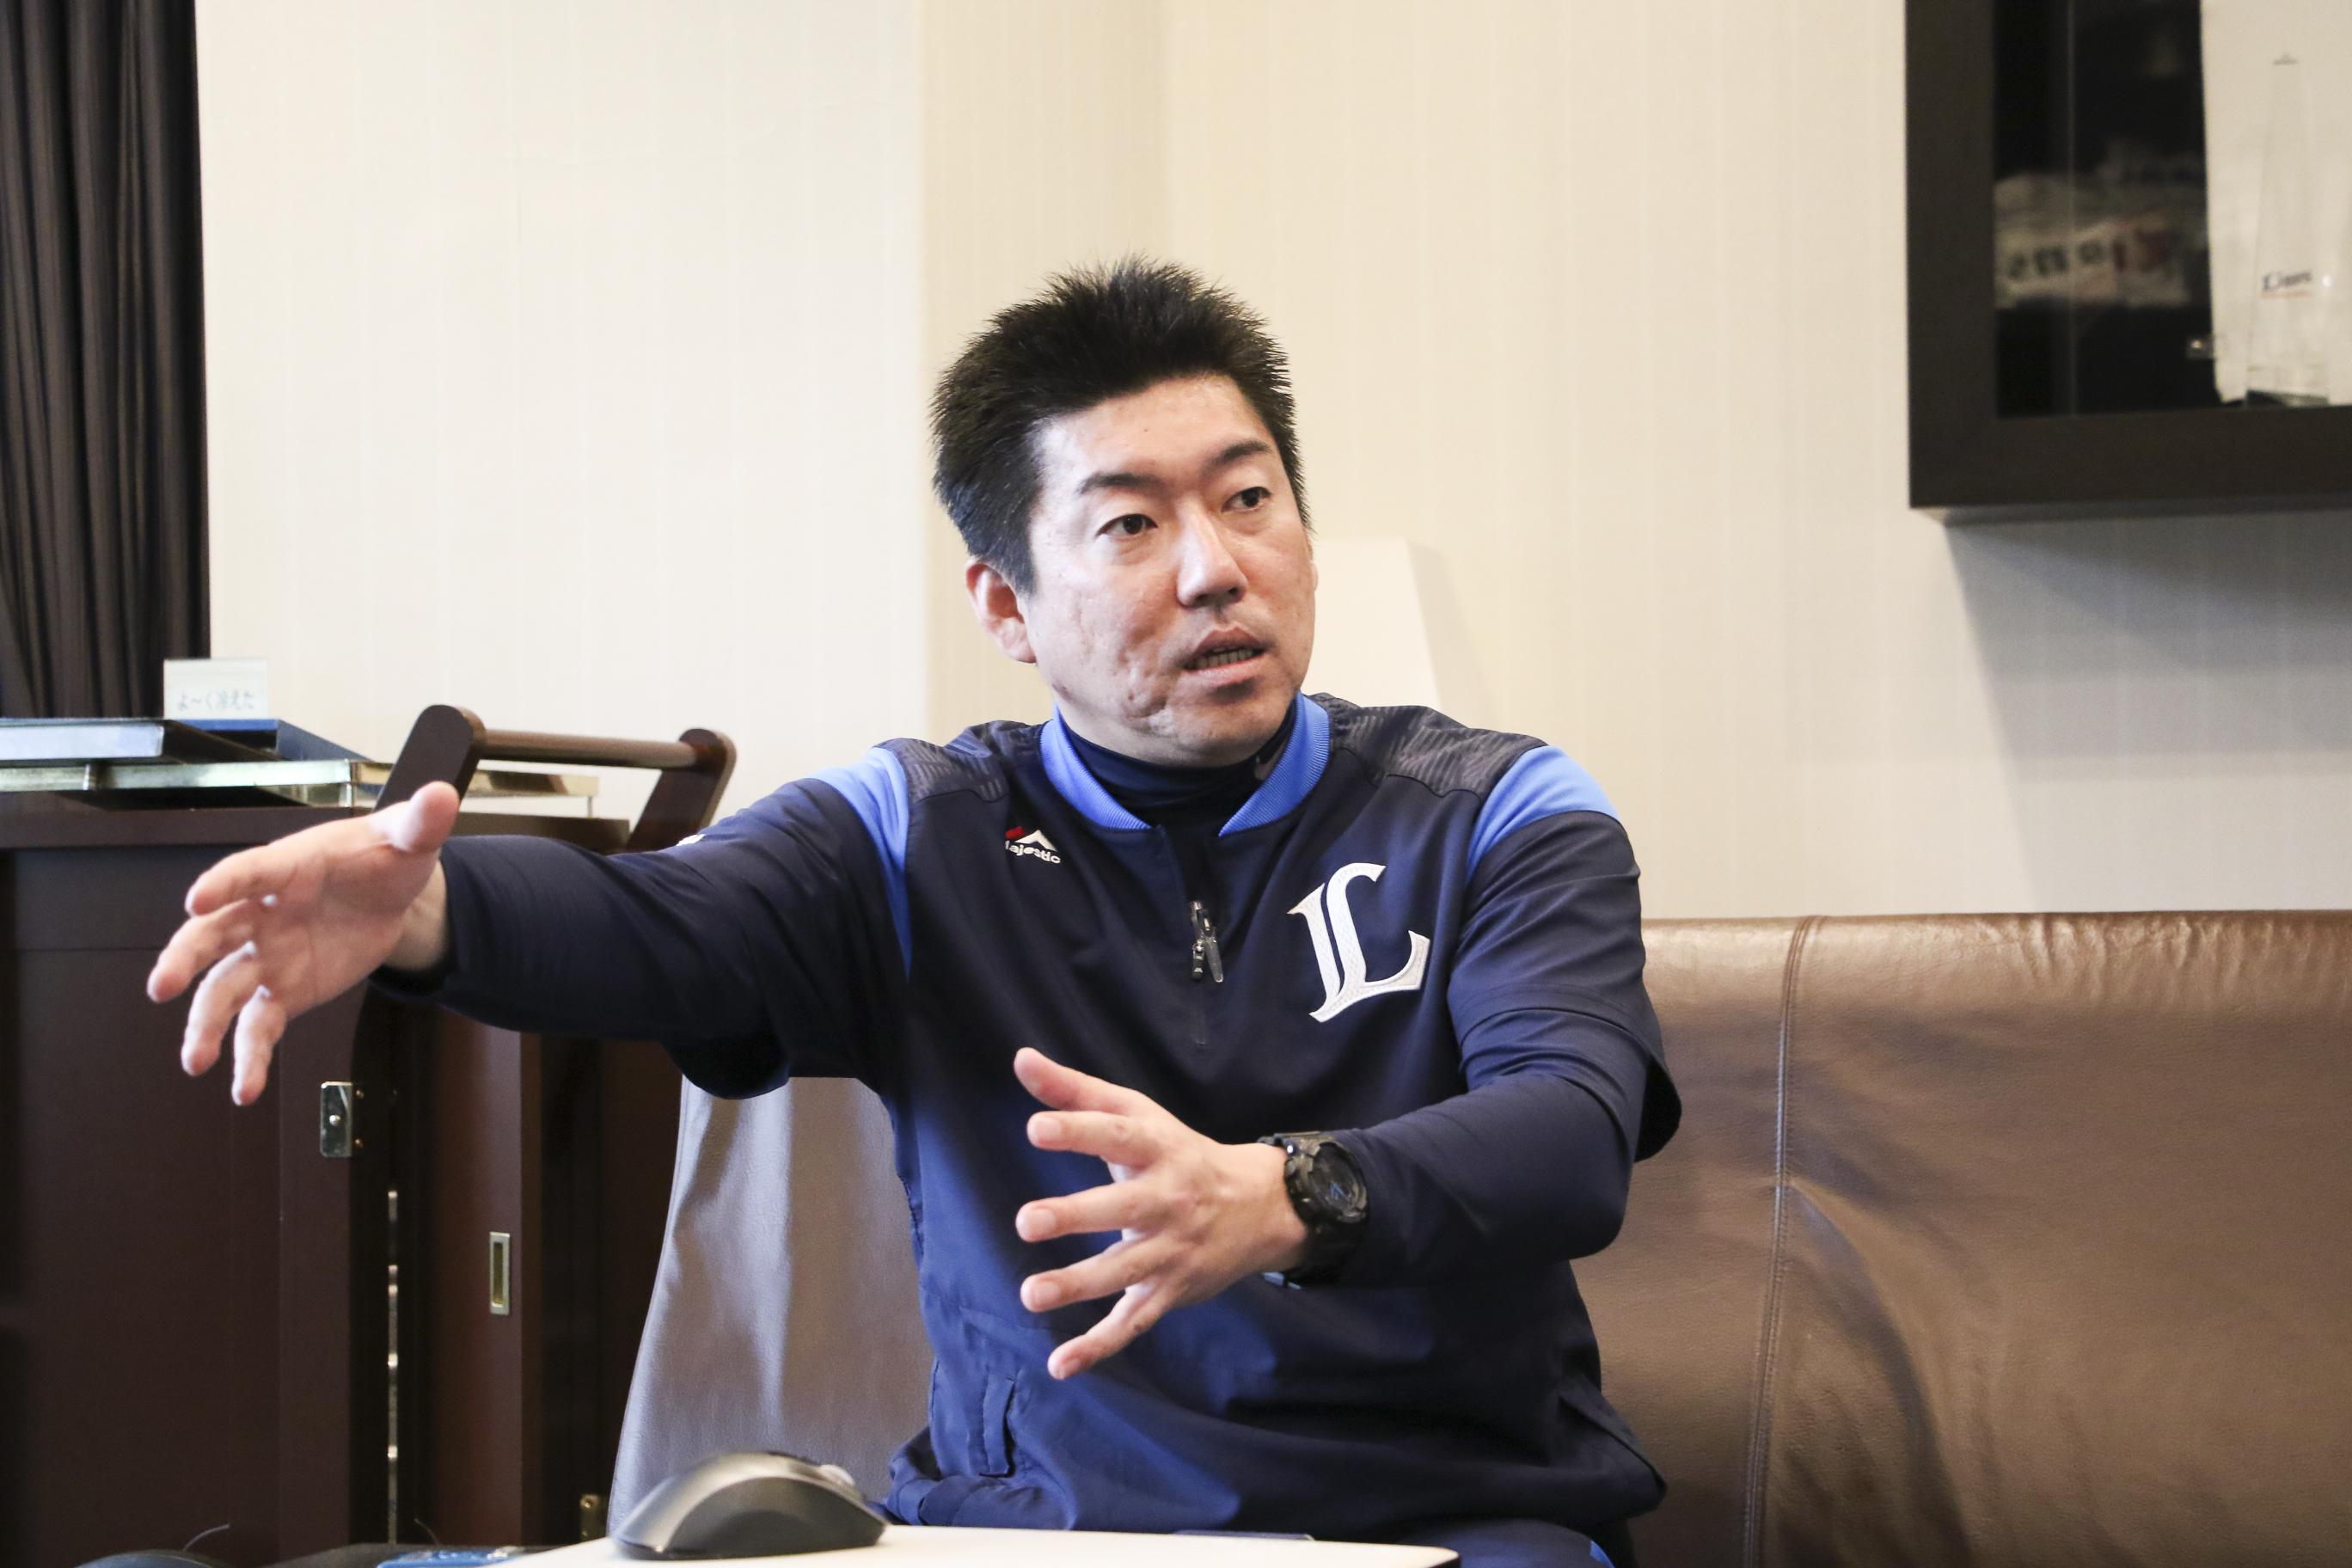 埼玉西武ライオンズのスコアラーとして活躍する若桑誠さんがインタビューを受けている